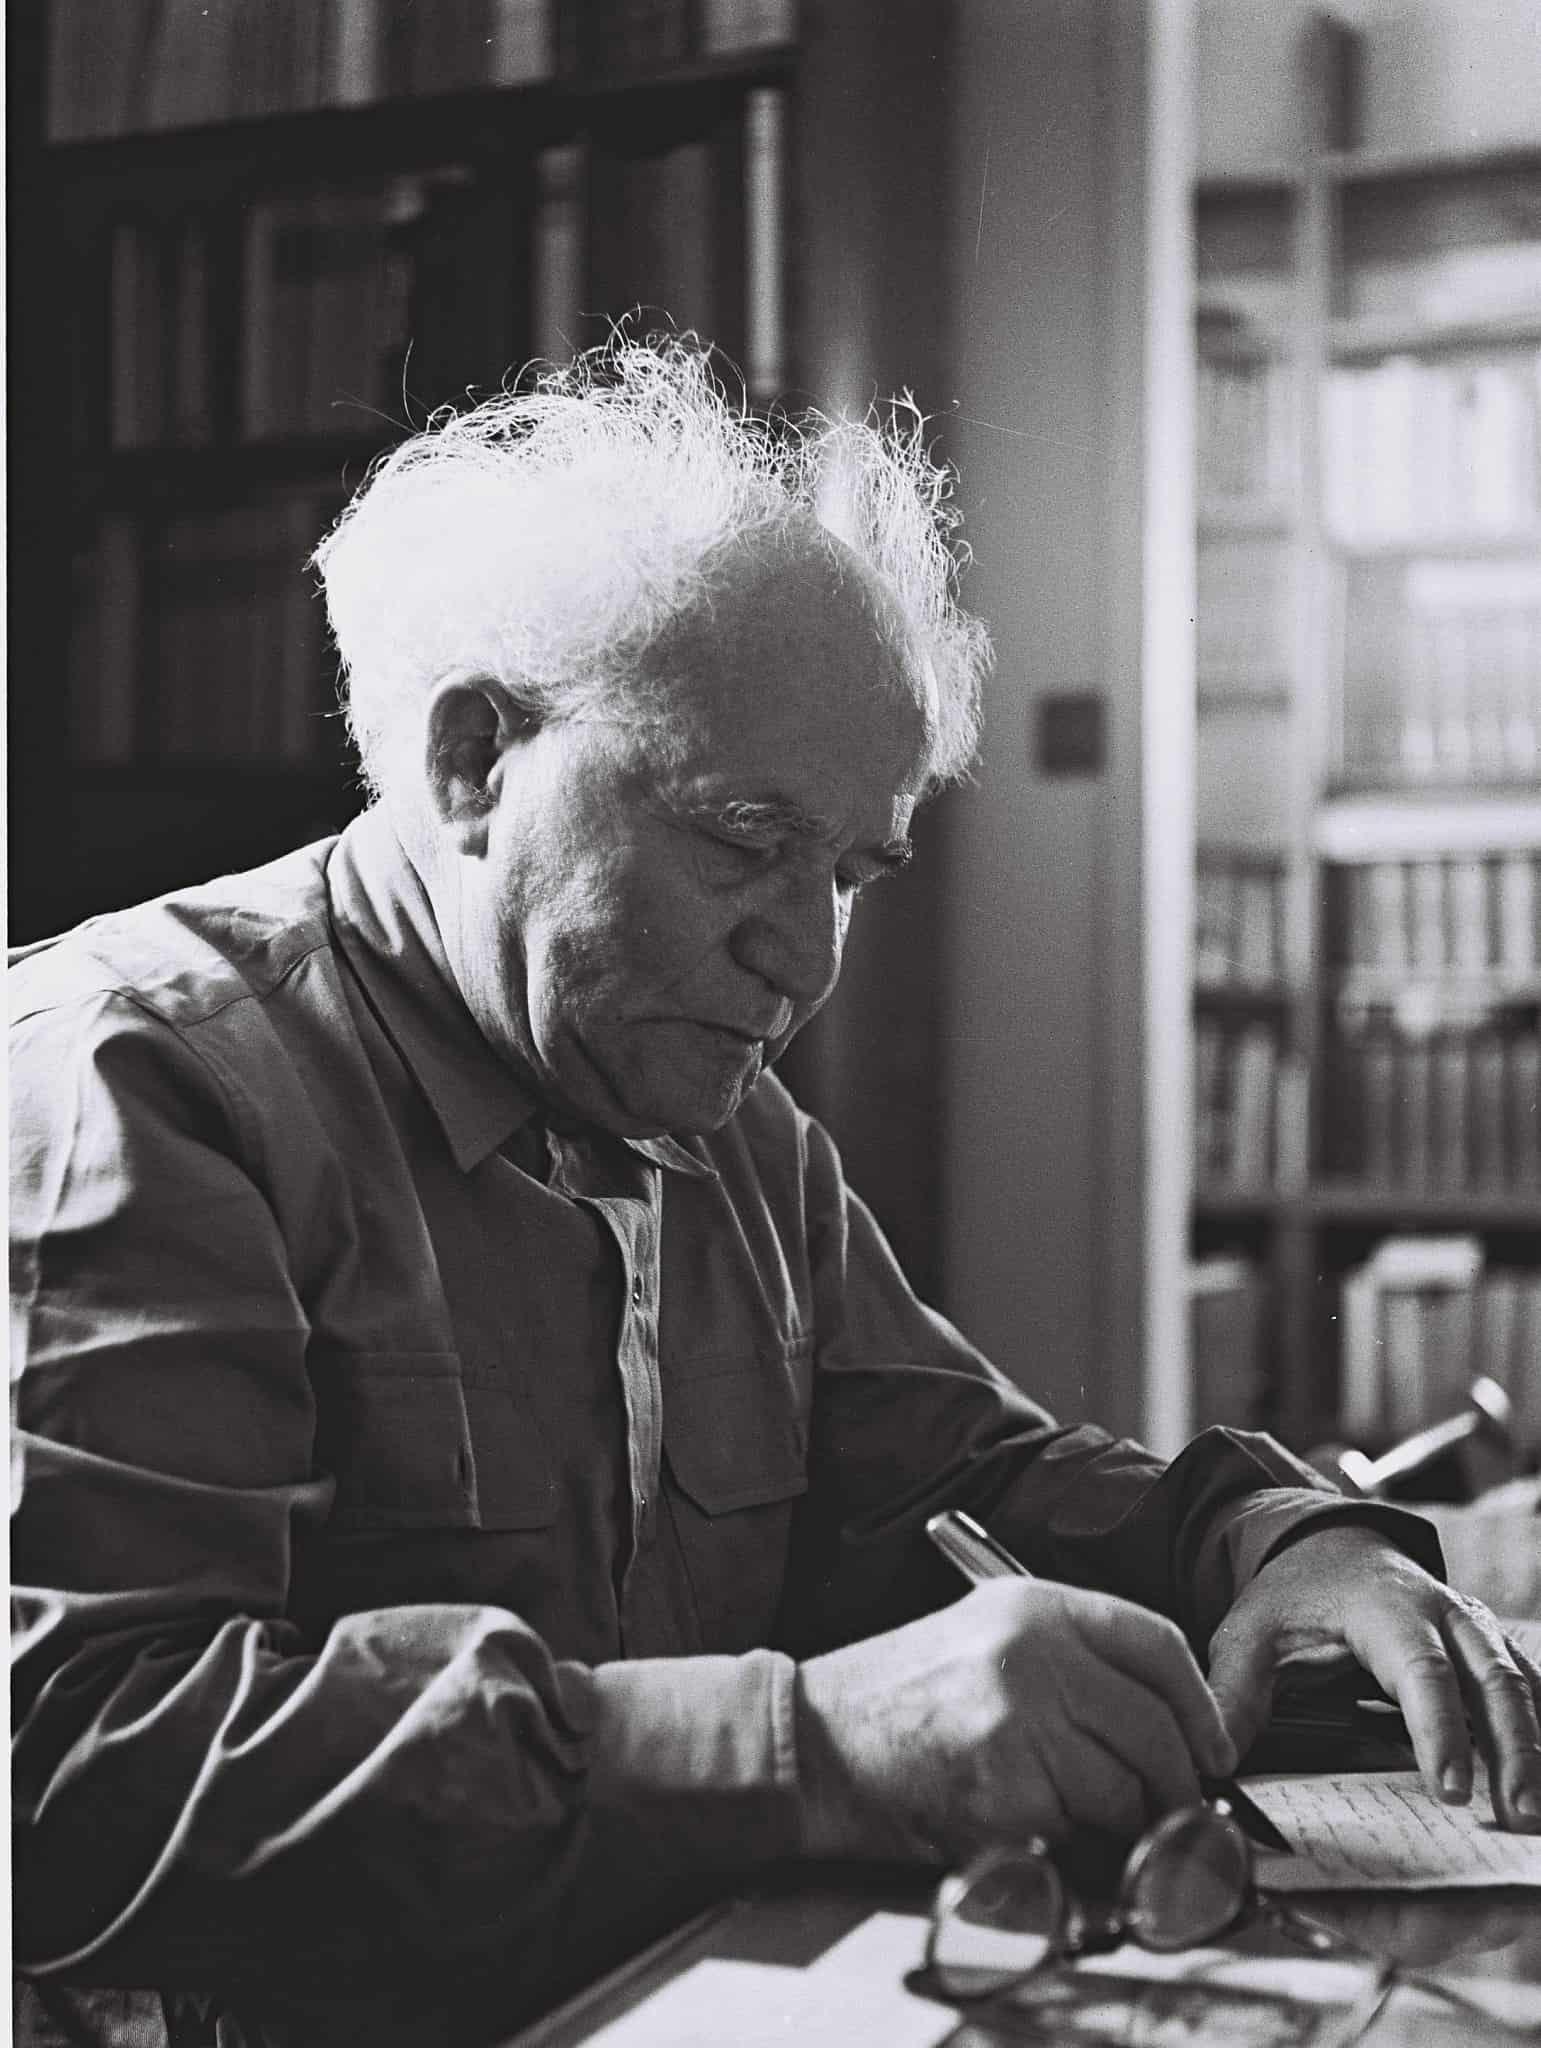 דוד בן גוריון (צילום: פריץ כהן, לע״מ)